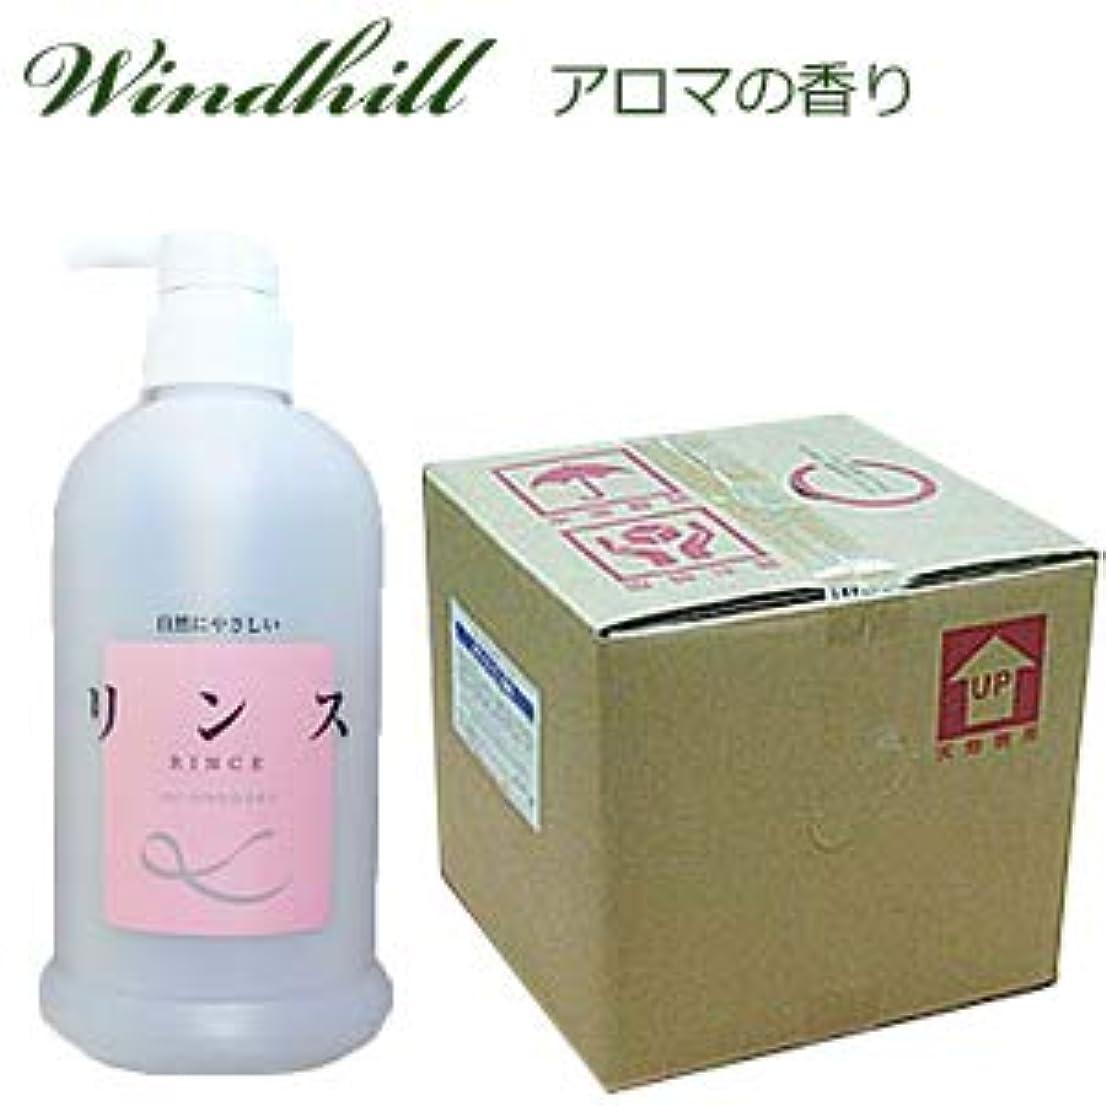 義務反対酸化するなんと! 500ml当り188円 Windhill 植物性業務用 リンス 紅茶を思うアロマの香り 20L